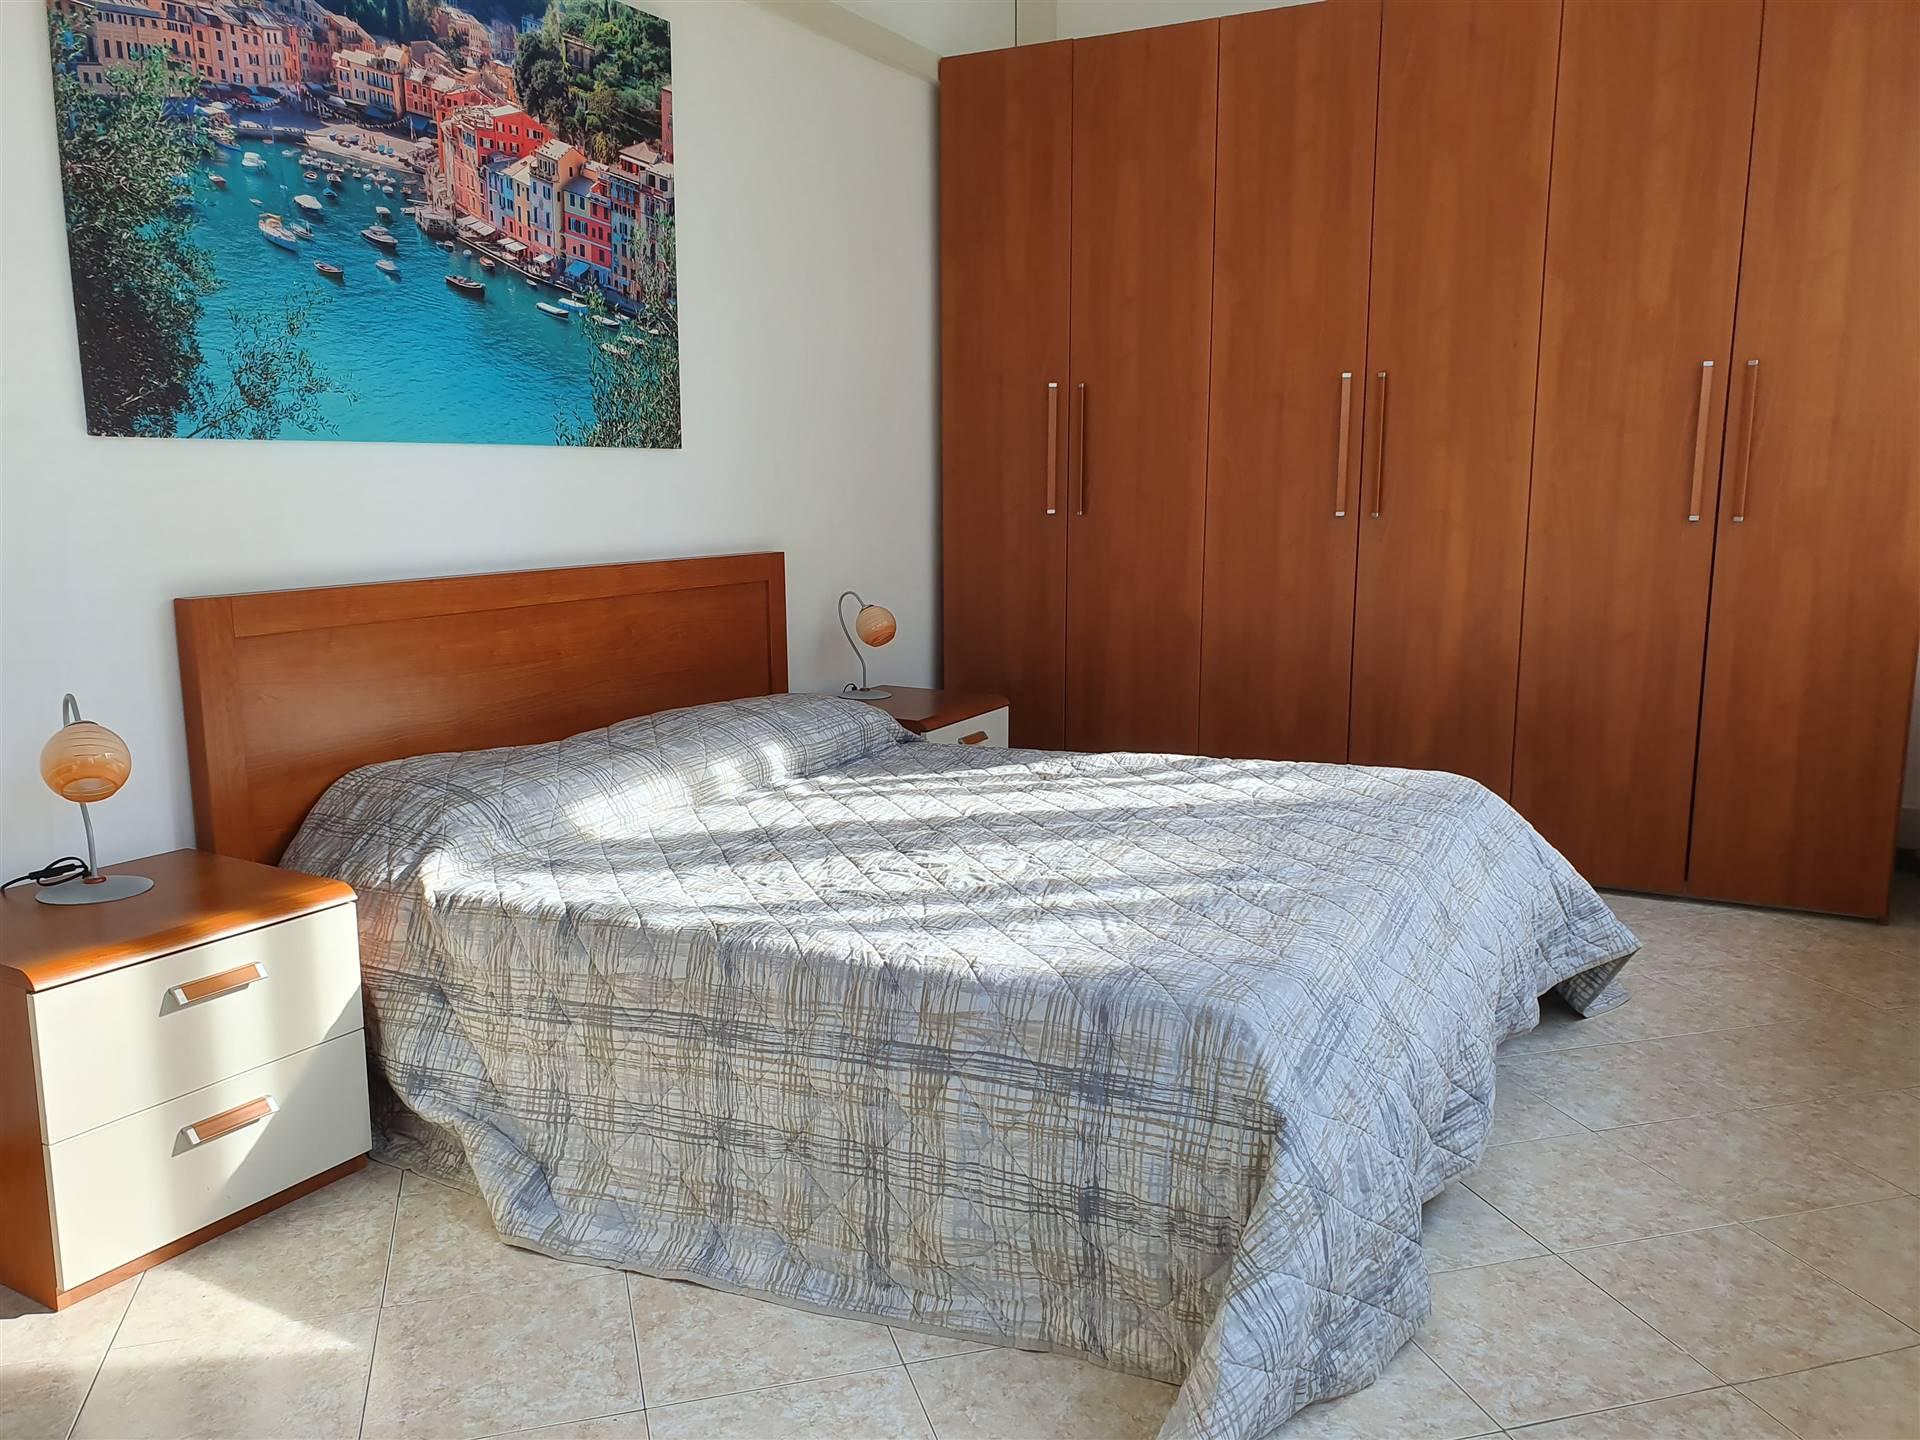 JESOLO Appartamento 2 camere  piano primo Foto 9